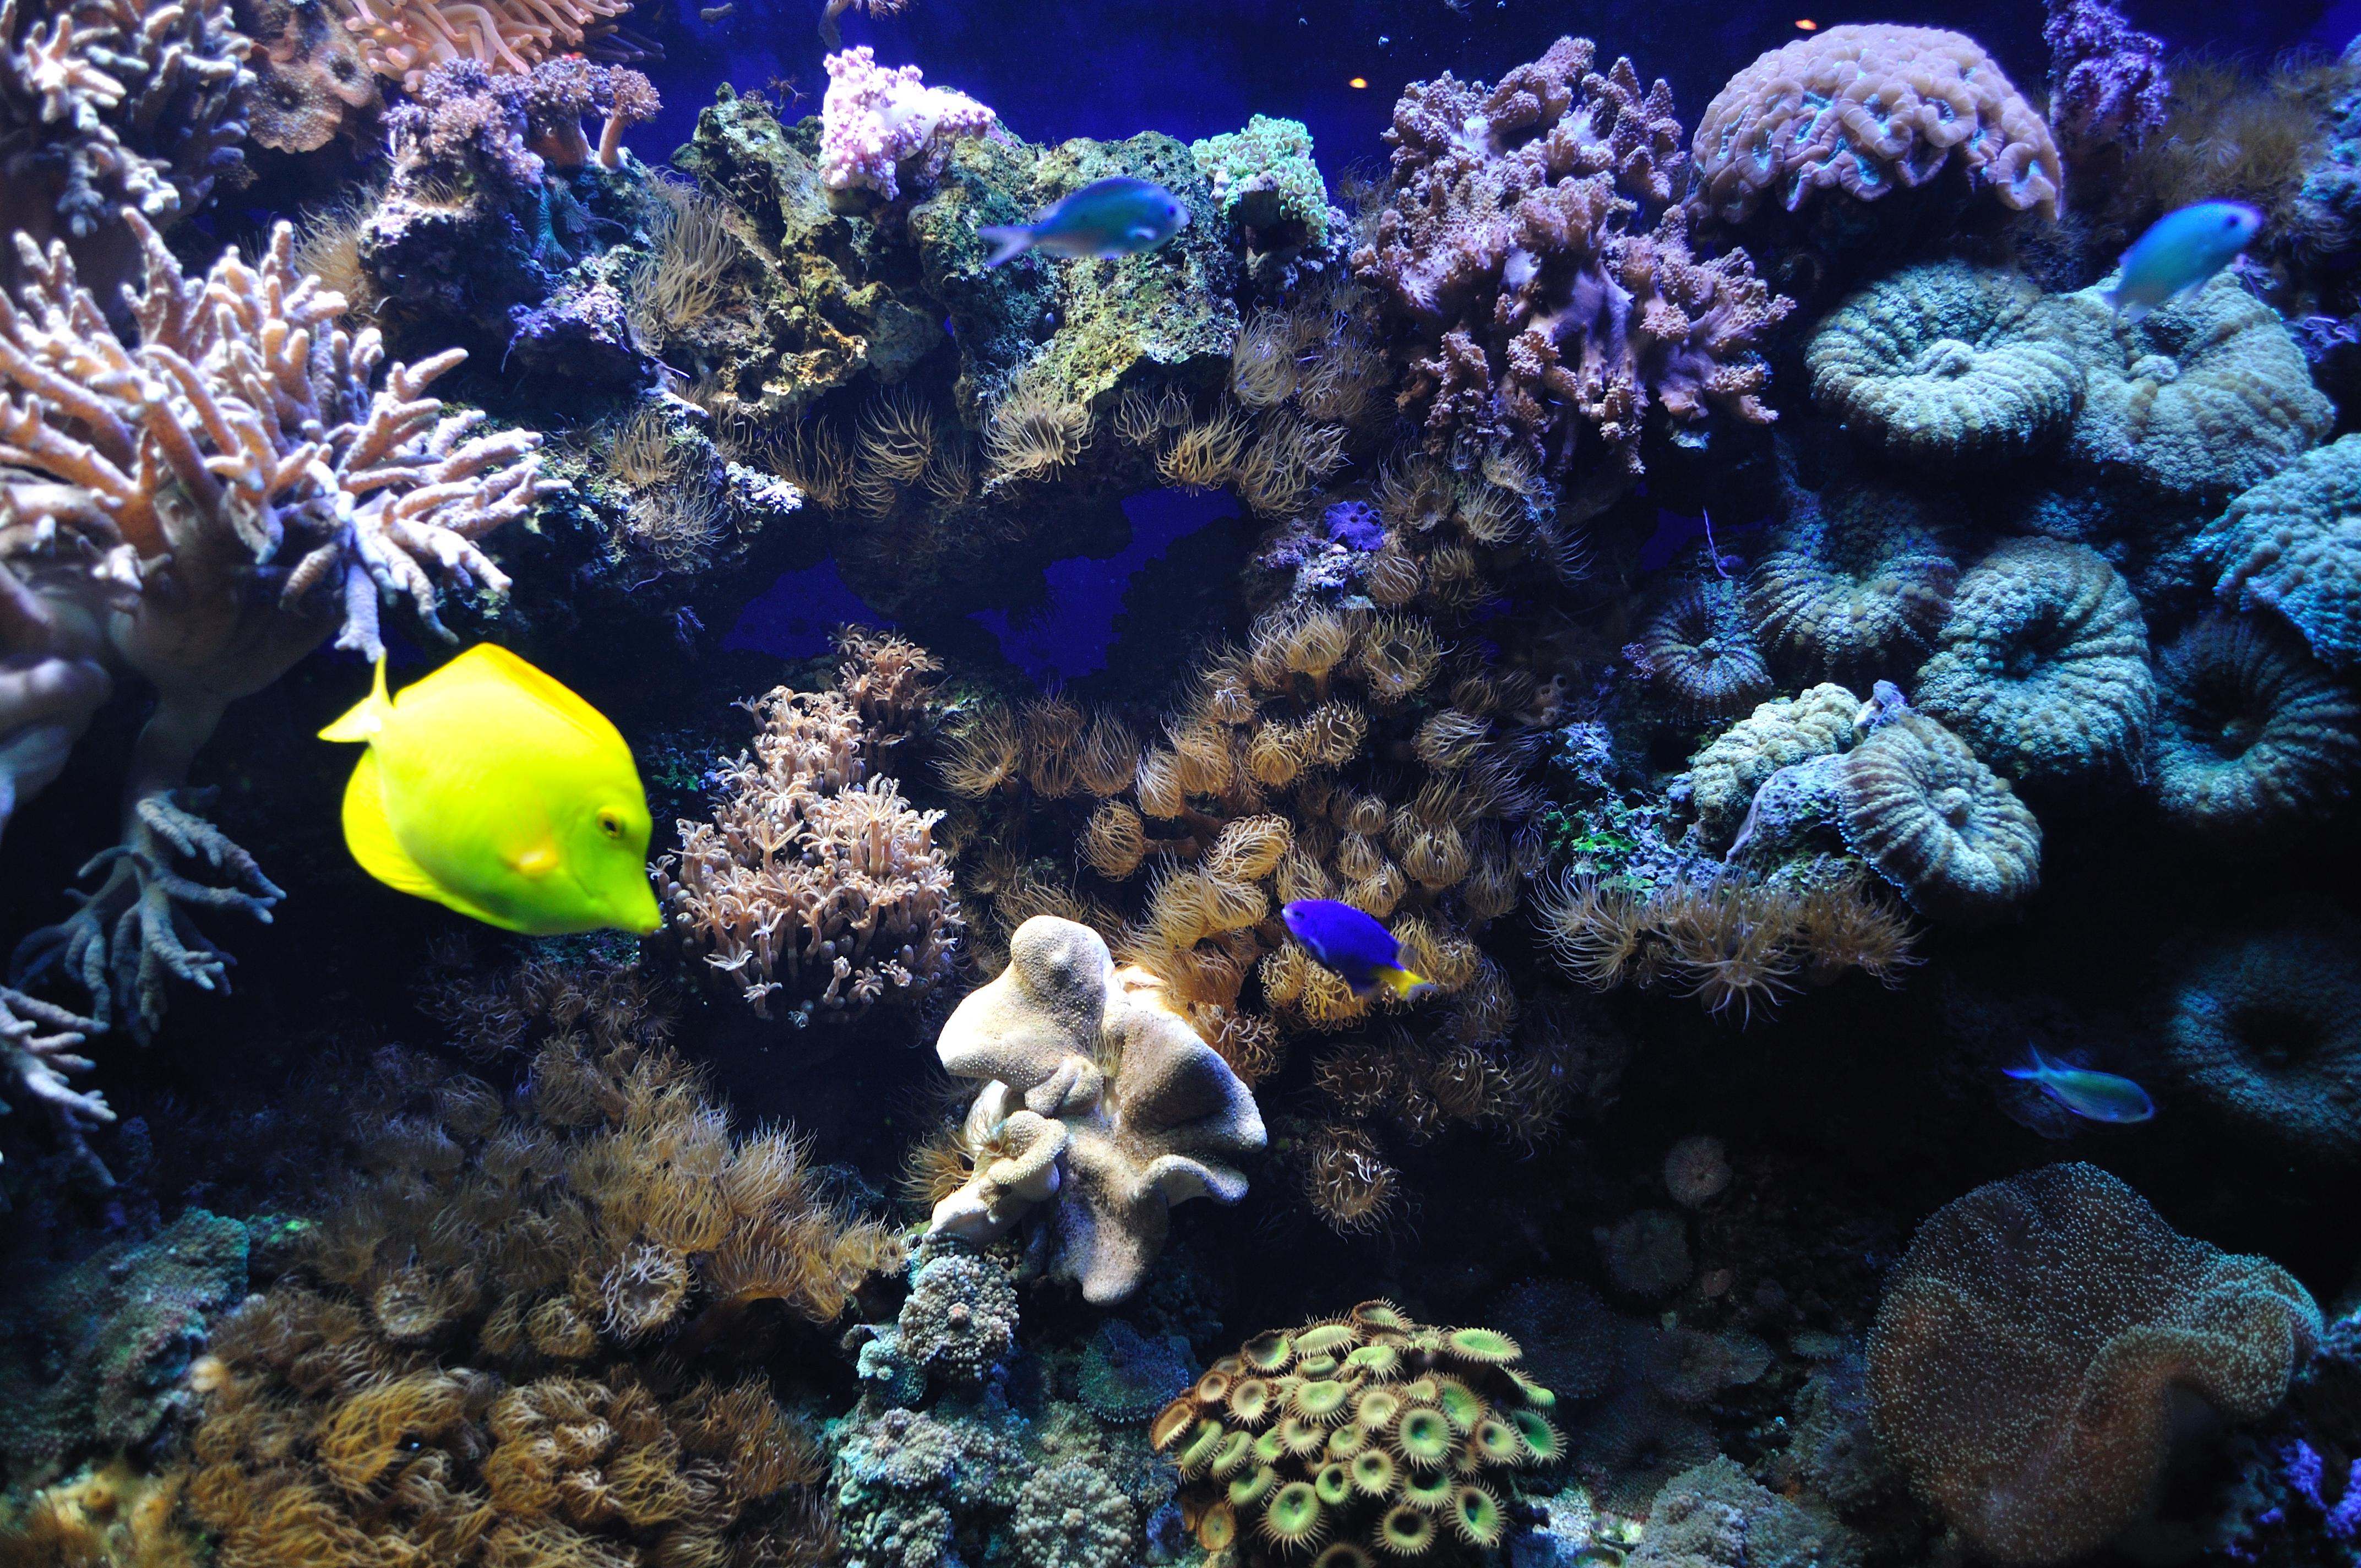 File:Marine fish (5791783978).jpg - Wikimedia Commons